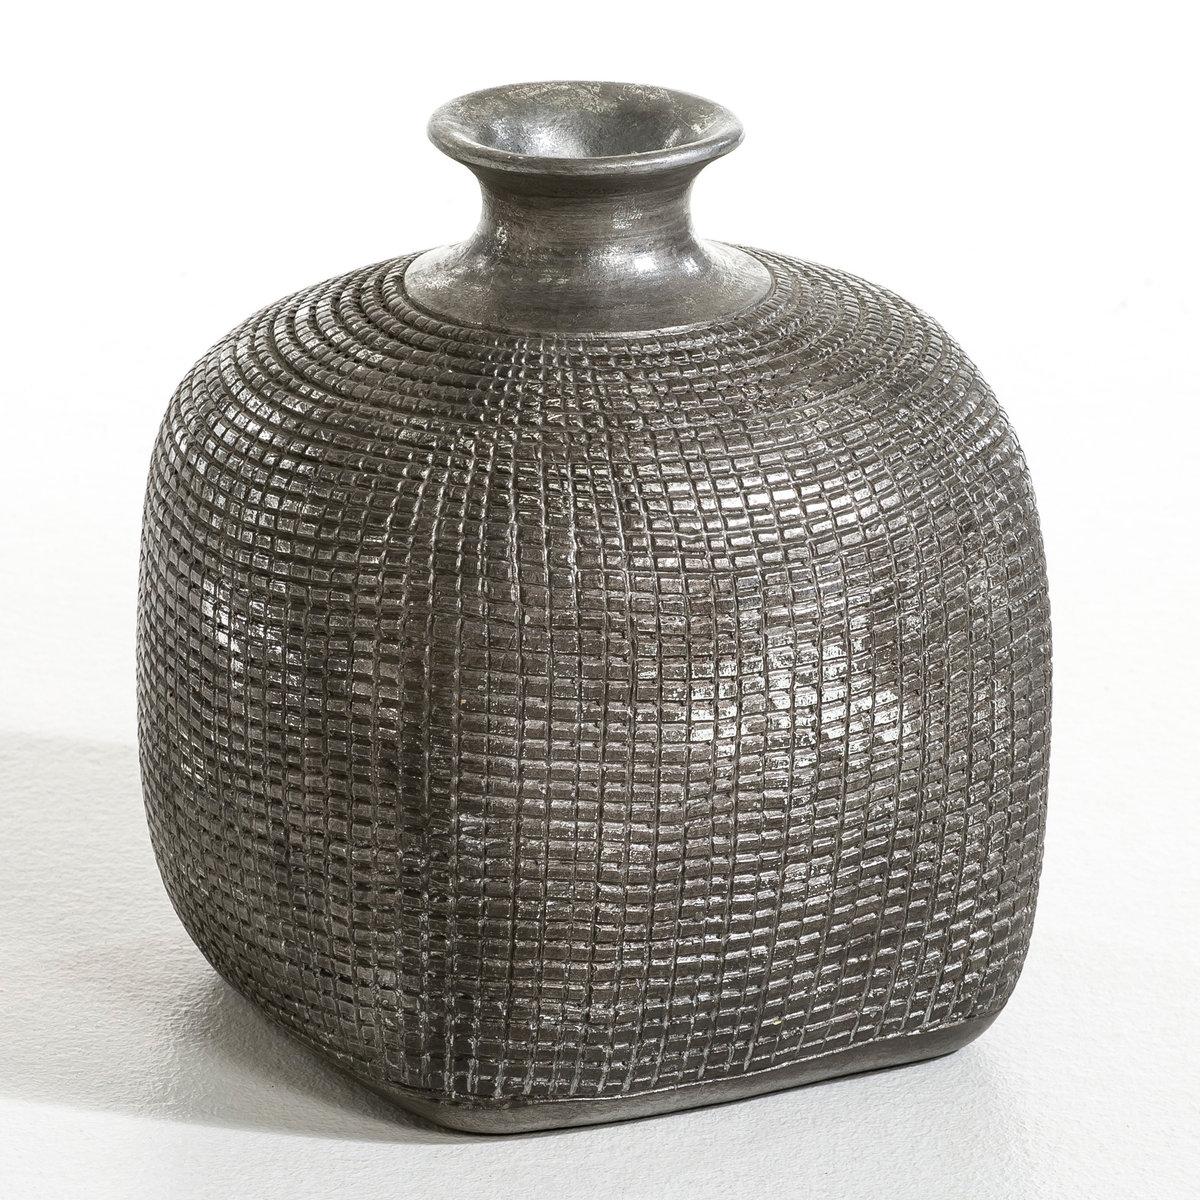 Ваза-скульптура терракотовая KenzaШикарный этнический стиль, великолепная ваза-скульптура, ручная работа. Терракотовая ваза, покрыта серебристой краской с эффектом старения. Размеры : Дл..22 см x Шир..22 см x Выс..25 см.<br><br>Цвет: черный